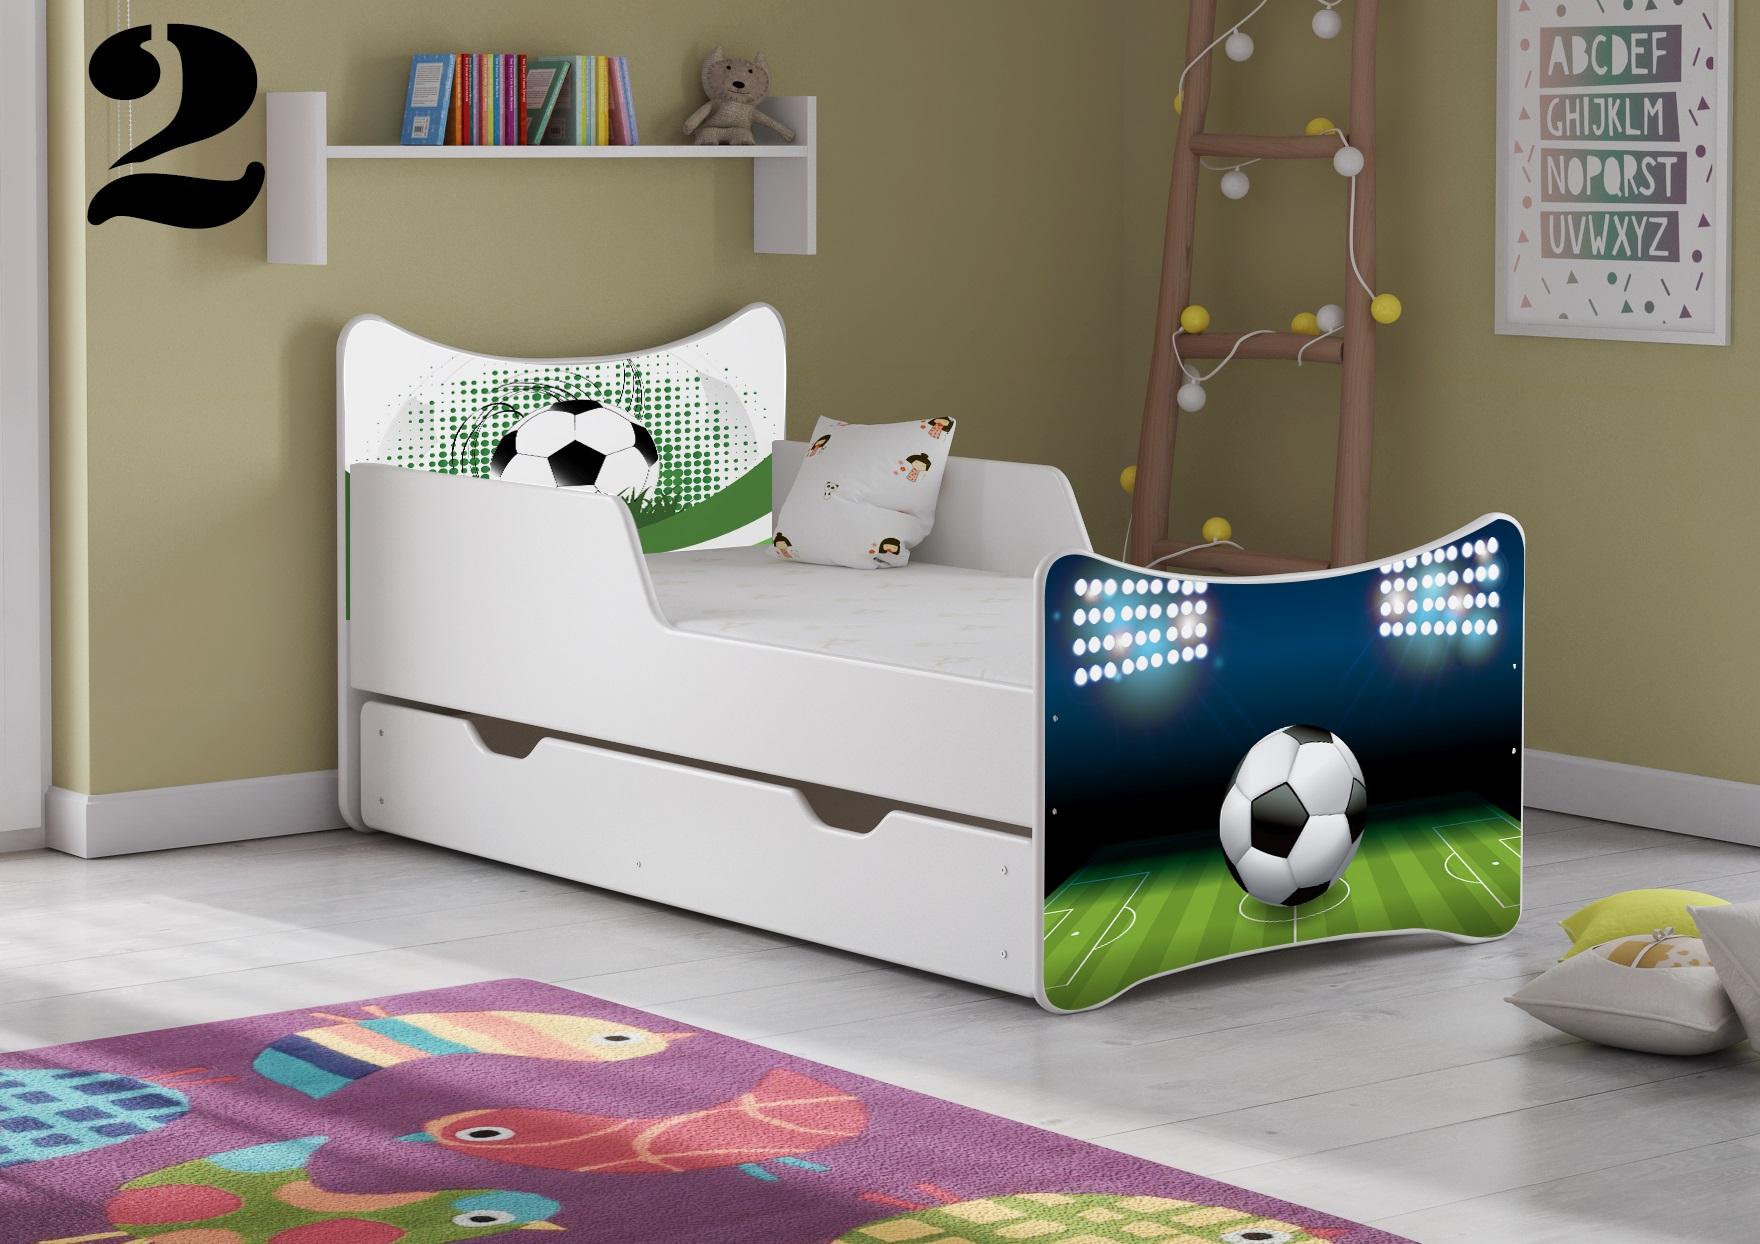 Detská posteľ SMB - chlapci Prevedenie: Obrázok č.2